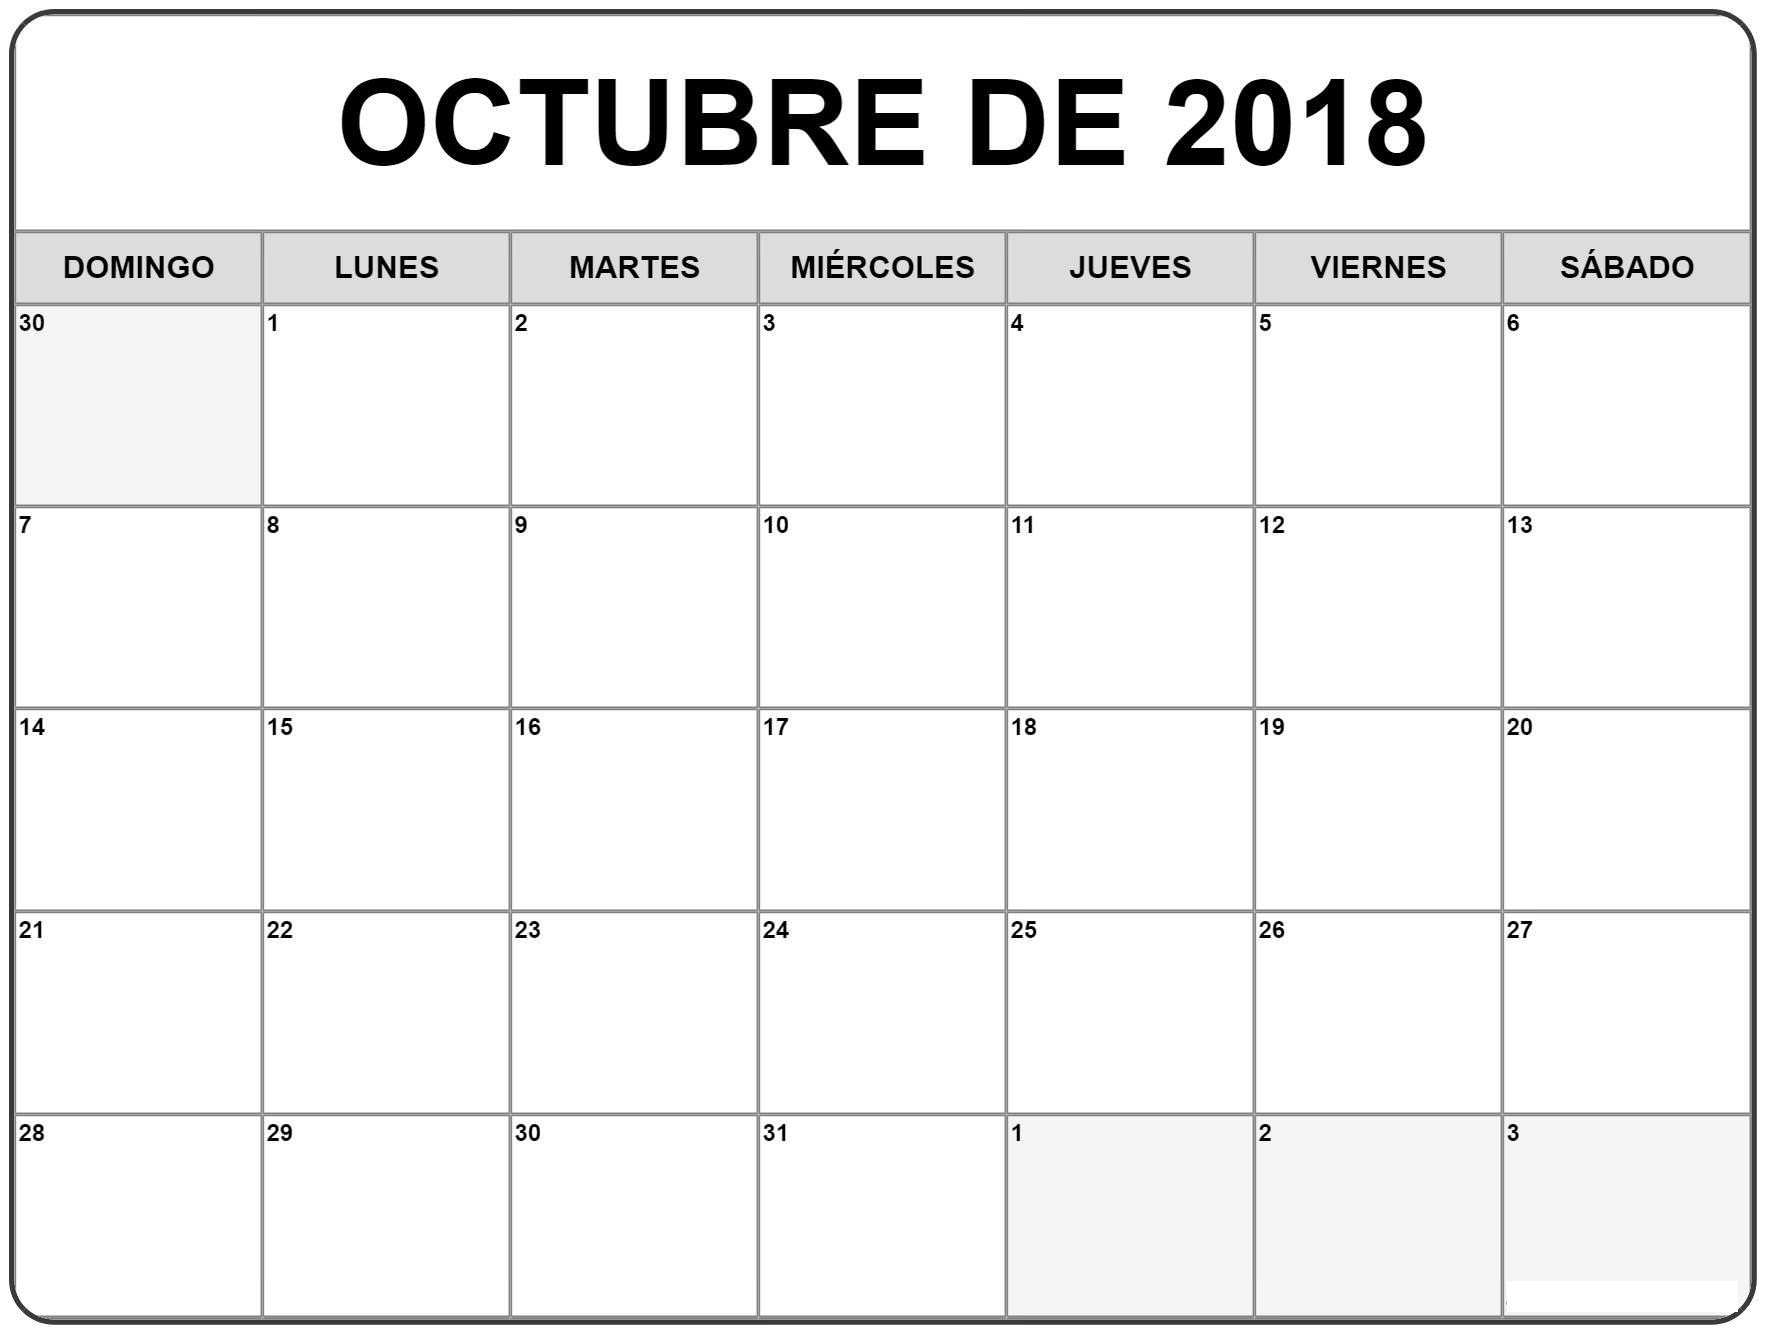 Calendario Imprimir Novembro 2019 Más Caliente Calendario Octubre 2018 Para Imprimir Pdf – Calendario 2018 Of Calendario Imprimir Novembro 2019 Más Actual Custom Editable Free Printable 2019 Calendars